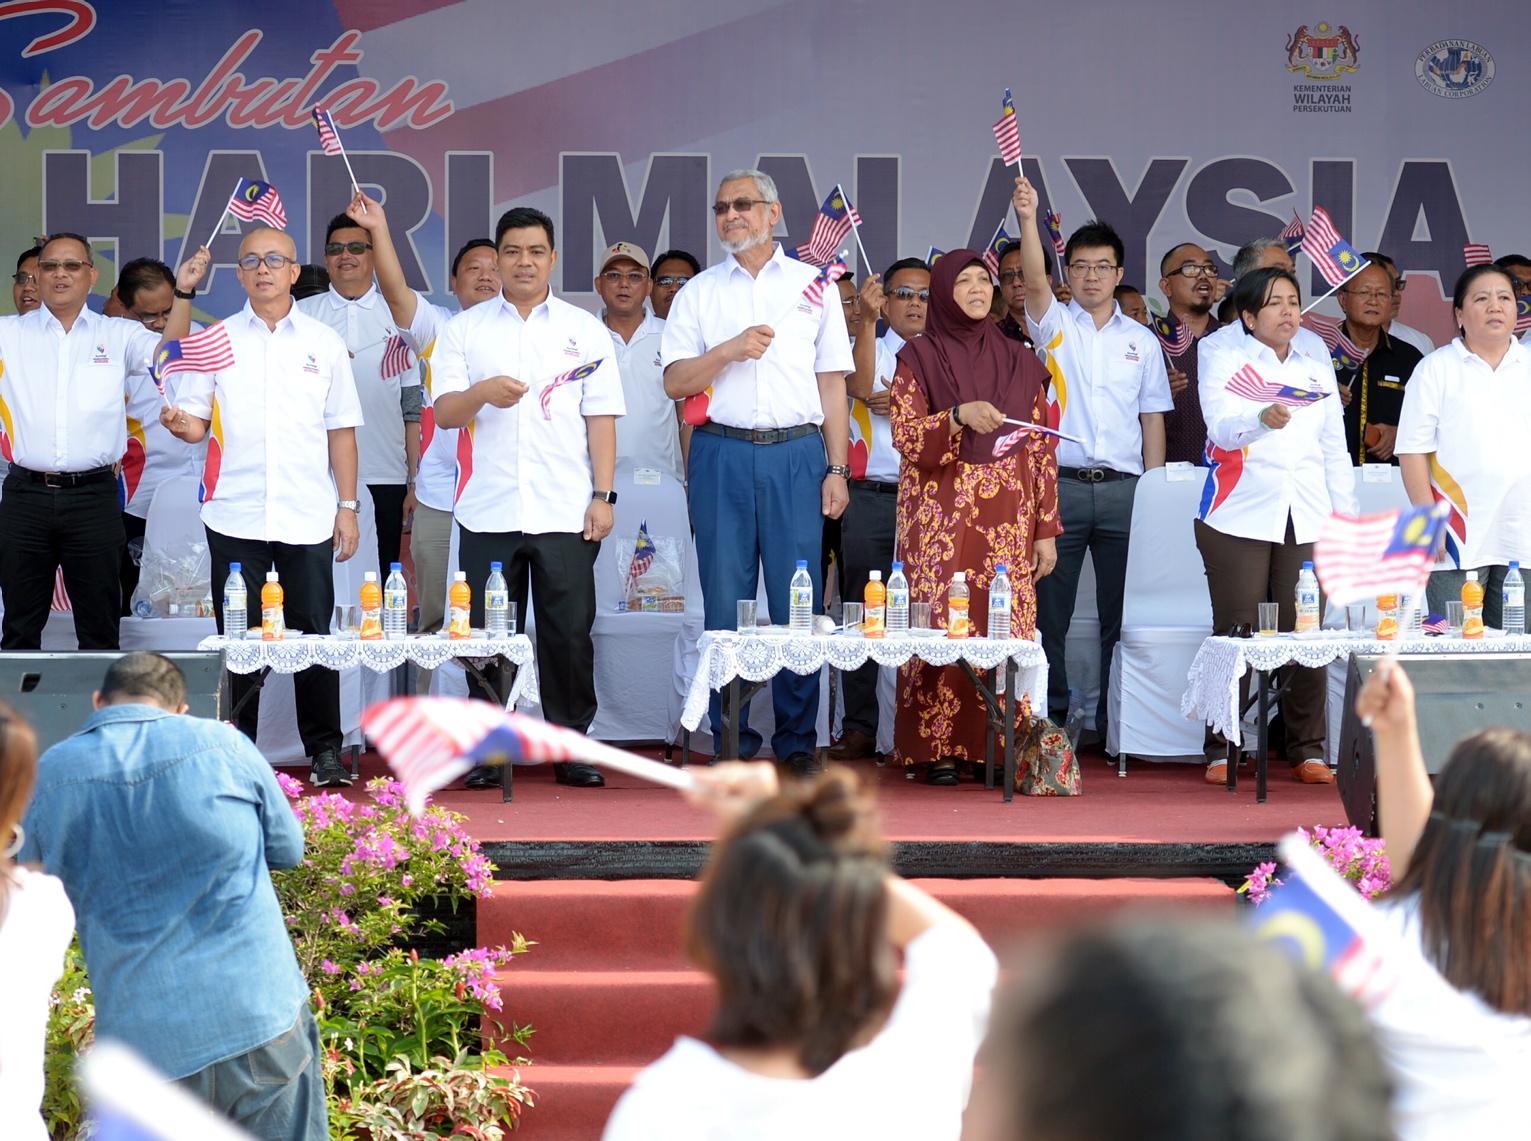 Hari Malaysia wadah suburkan perpaduan masyarakat